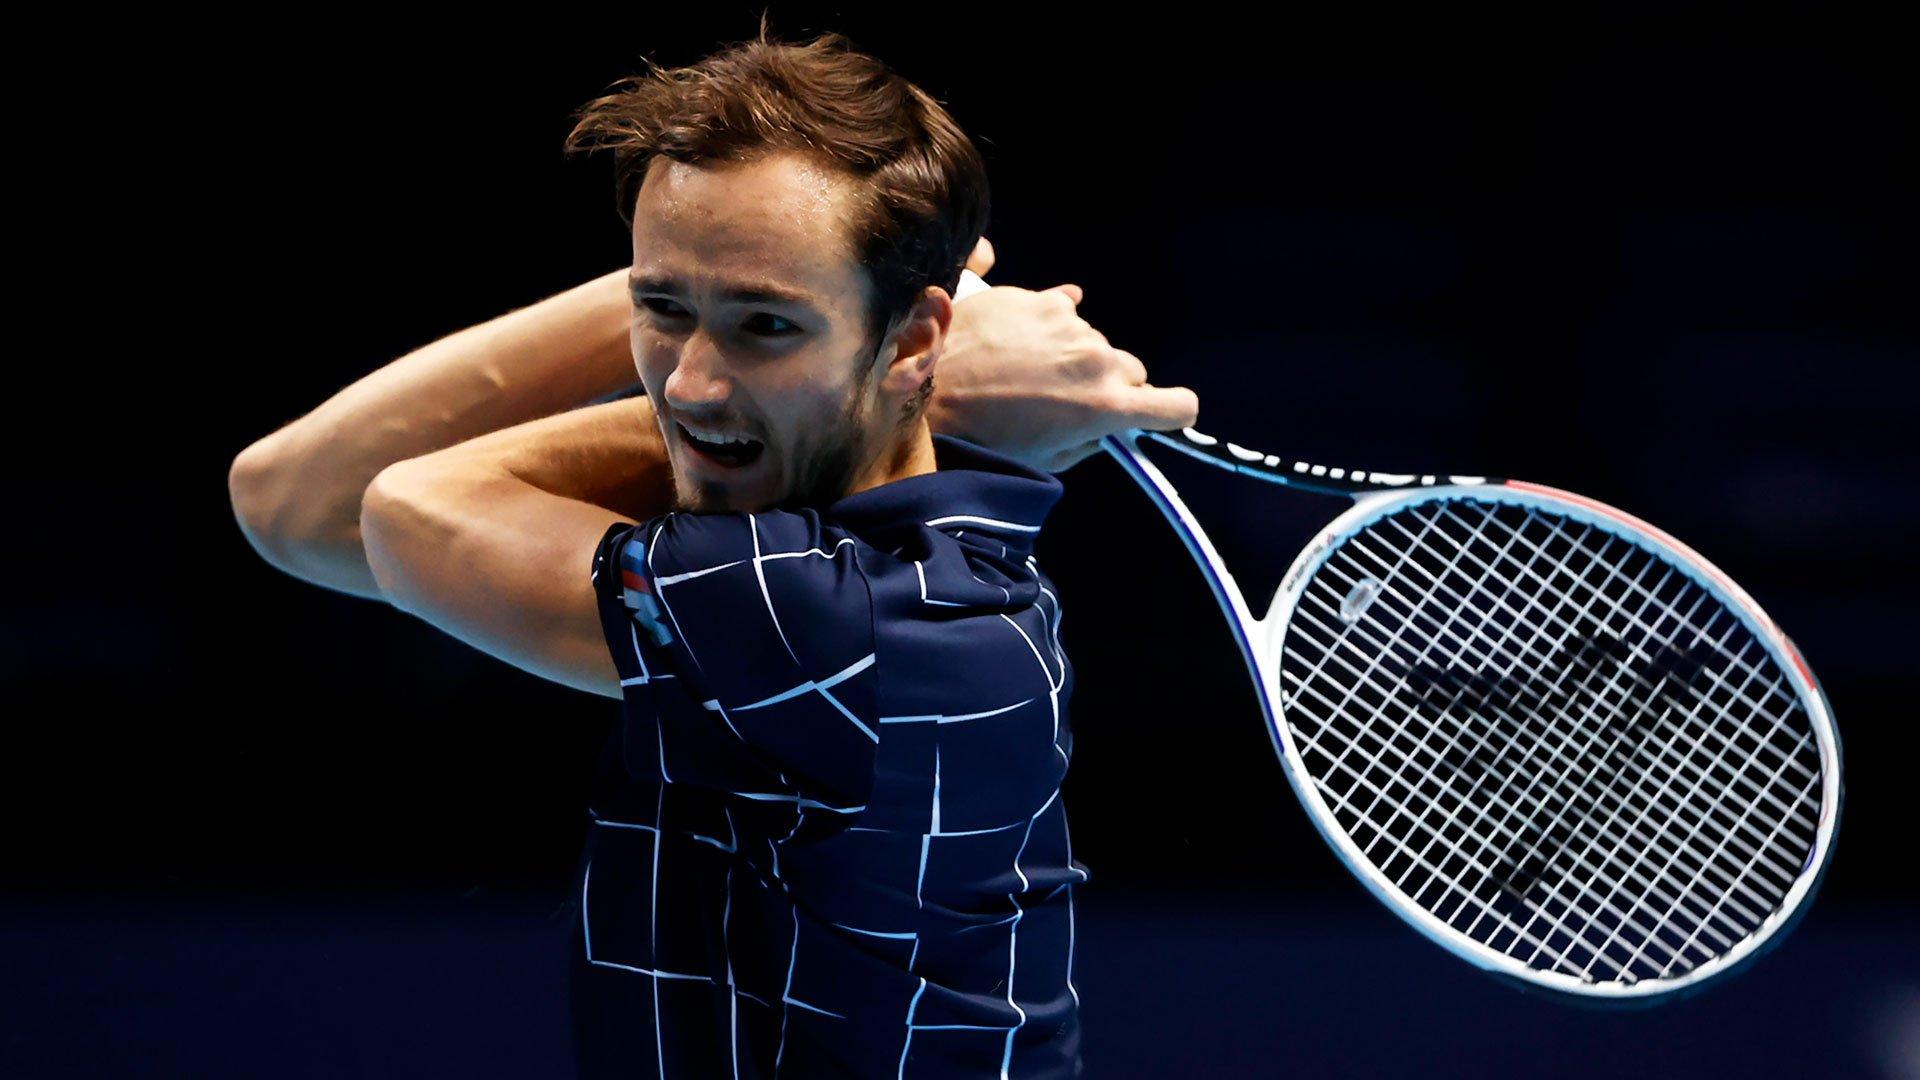 Даниил Медведев впервые в карьере вышел в финал Итогового